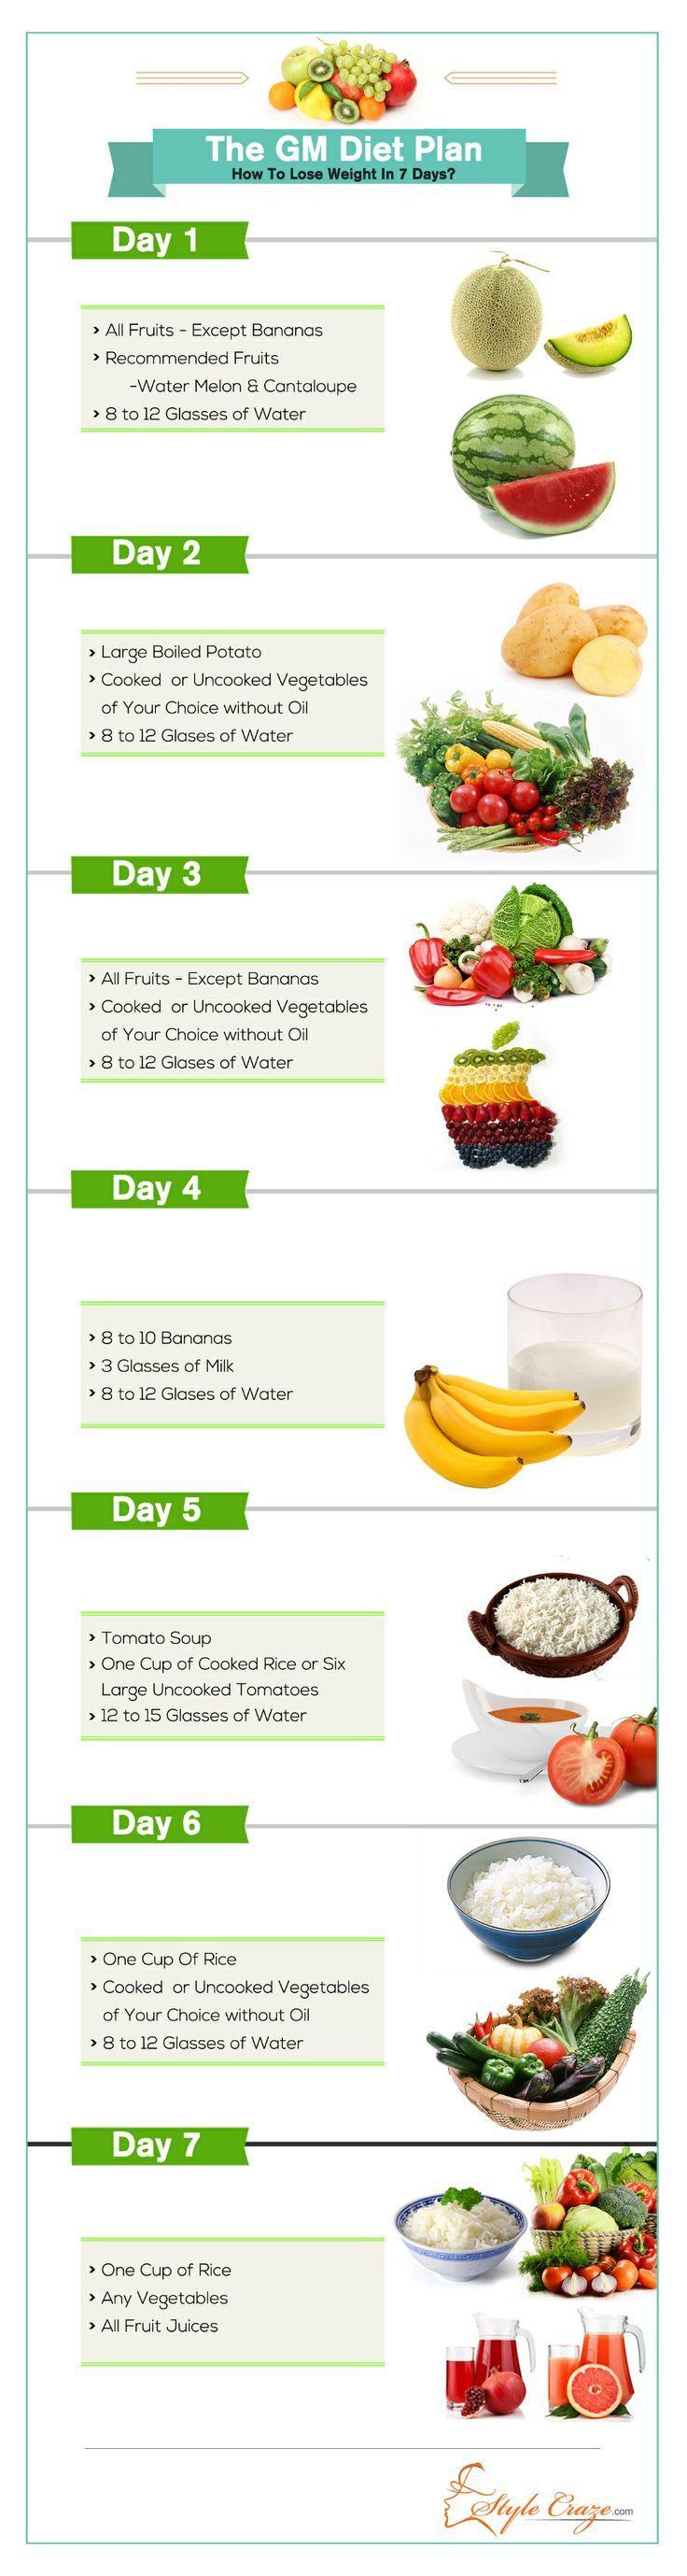 The GM Diet Plan: How To Lose Weight In 7 Days? | StyleCraze